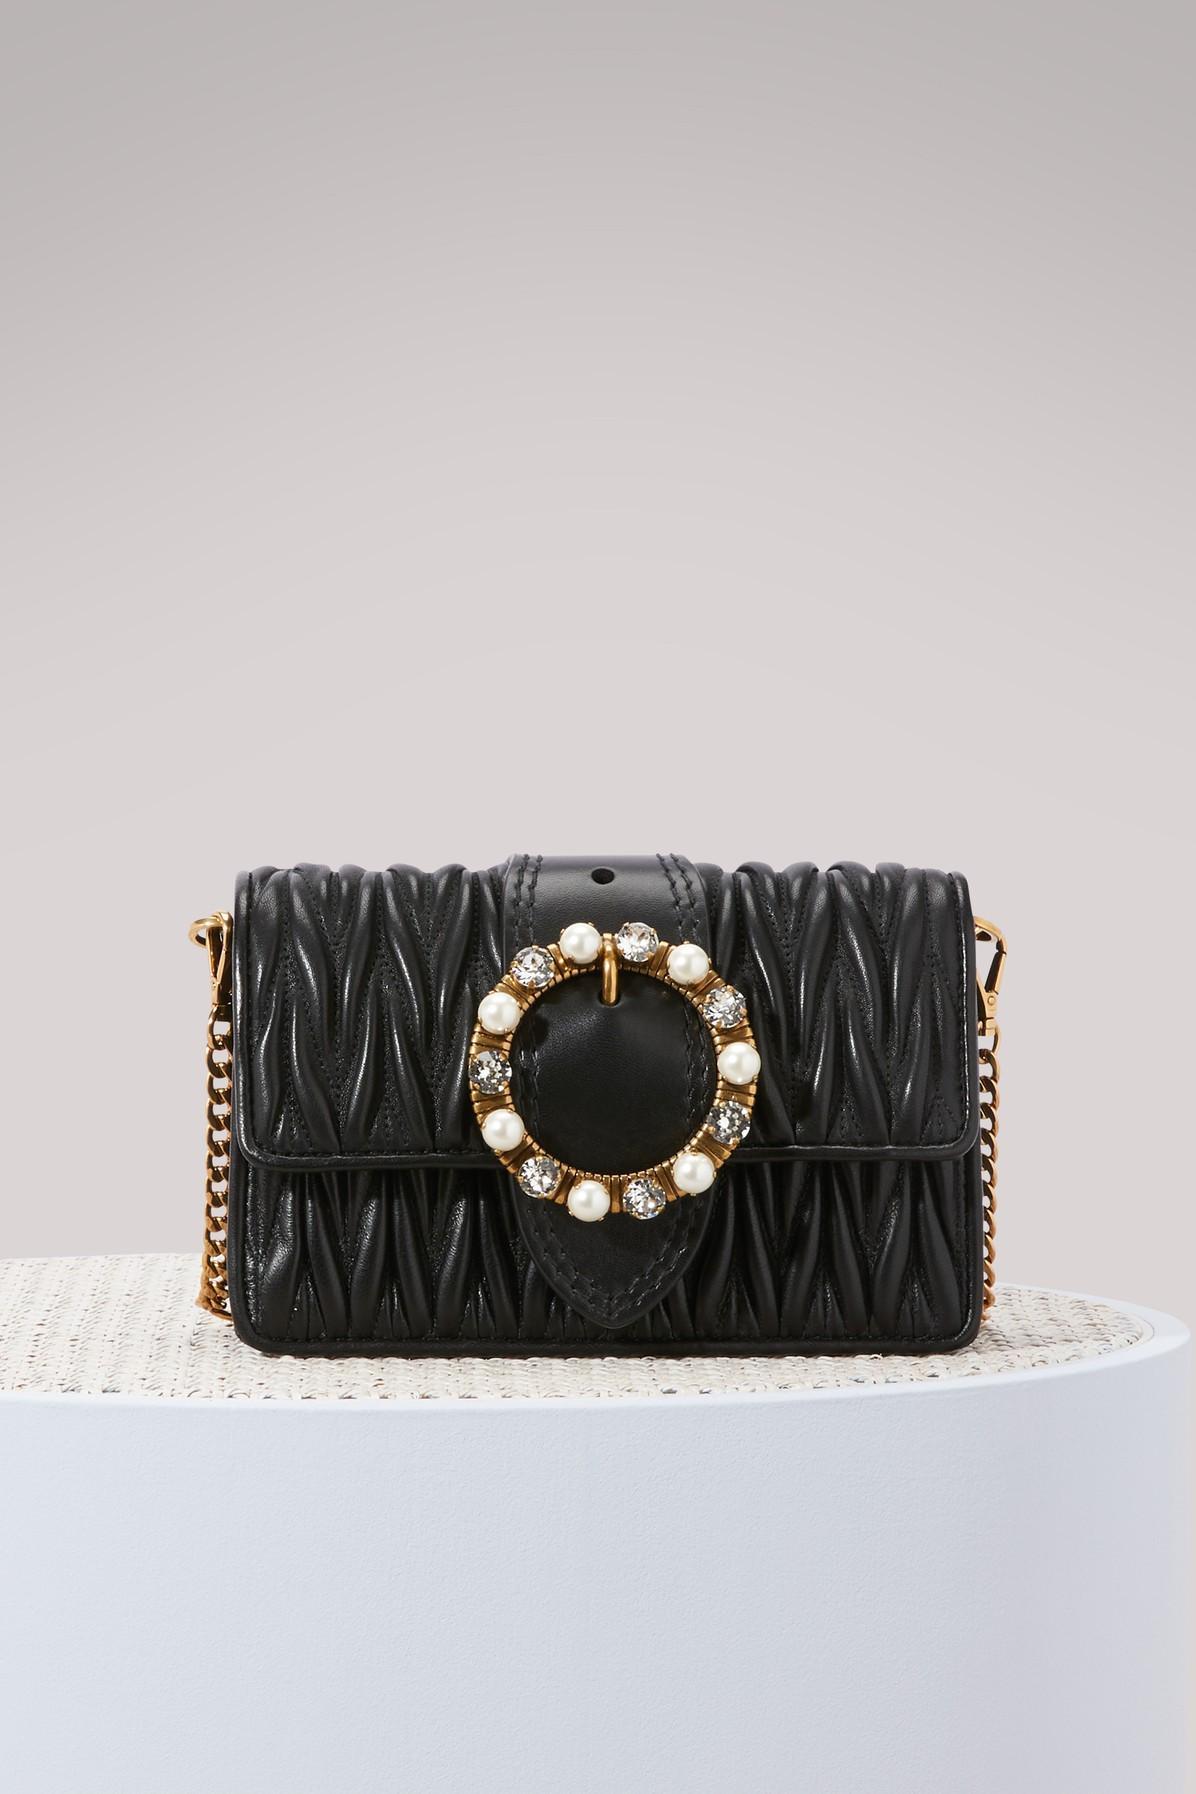 3270305c083 Miu Miu Matelasse Lambskin Leather Crossbody Clutch - Black